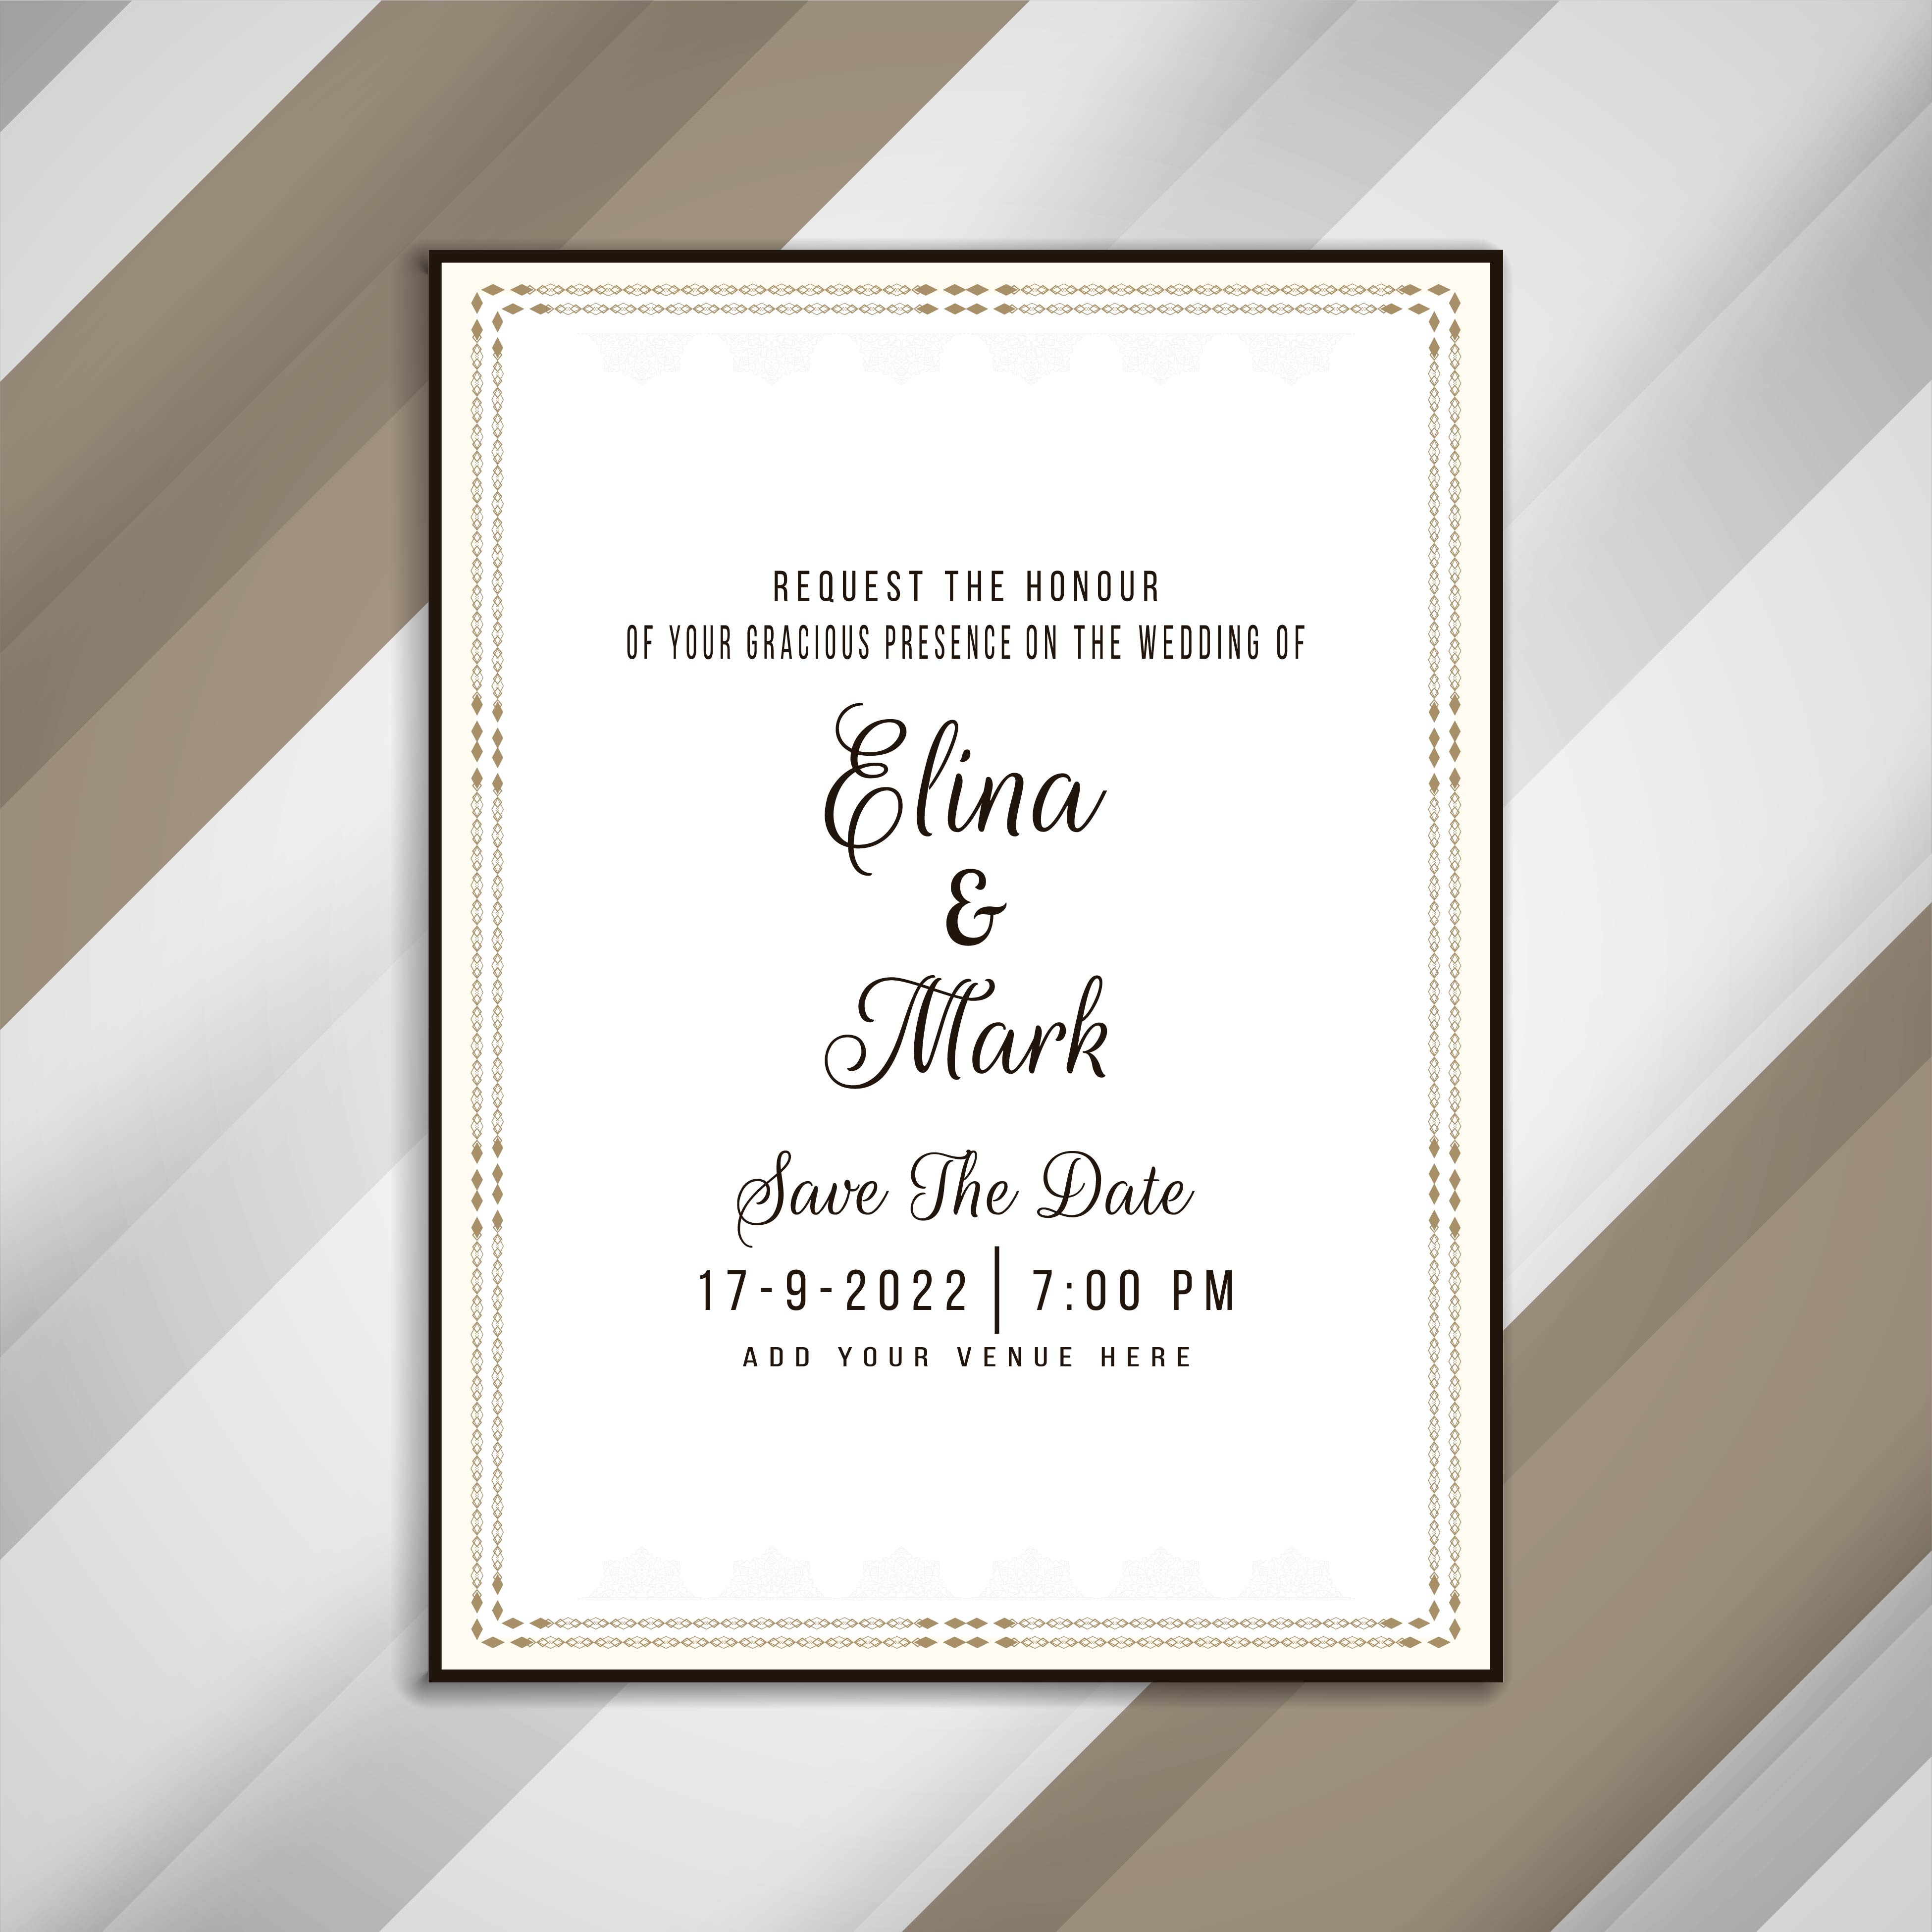 Elegant Wedding Invitation Cards Design: Abstract Elegant Wedding Invitation Card Design